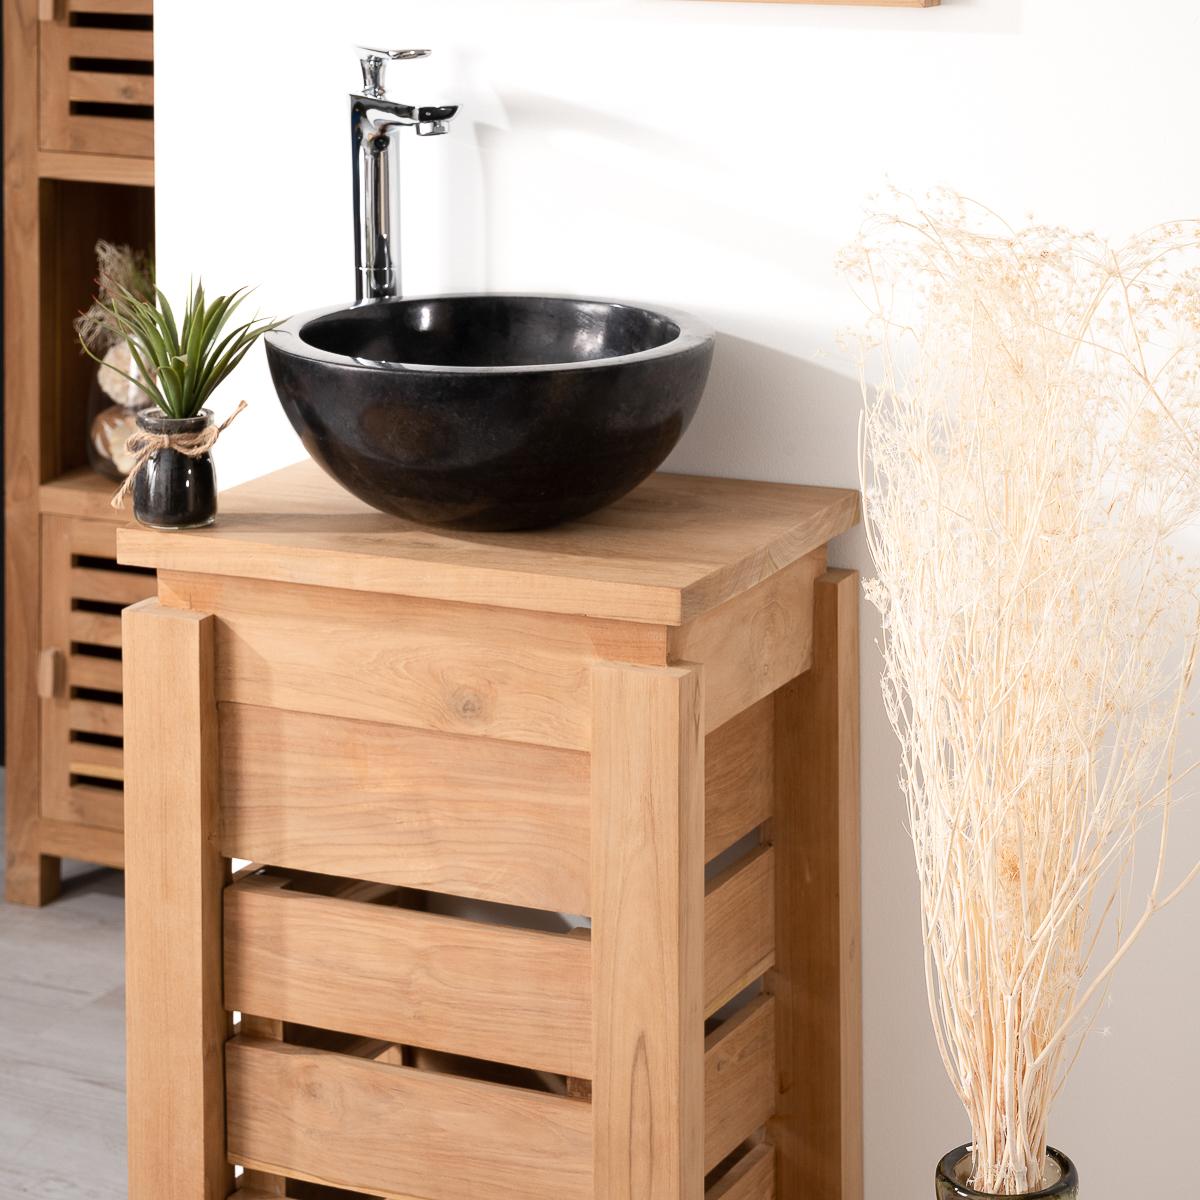 Meuble sous vasque simple vasque en bois teck massif - Petit meuble d angle salle de bain ...